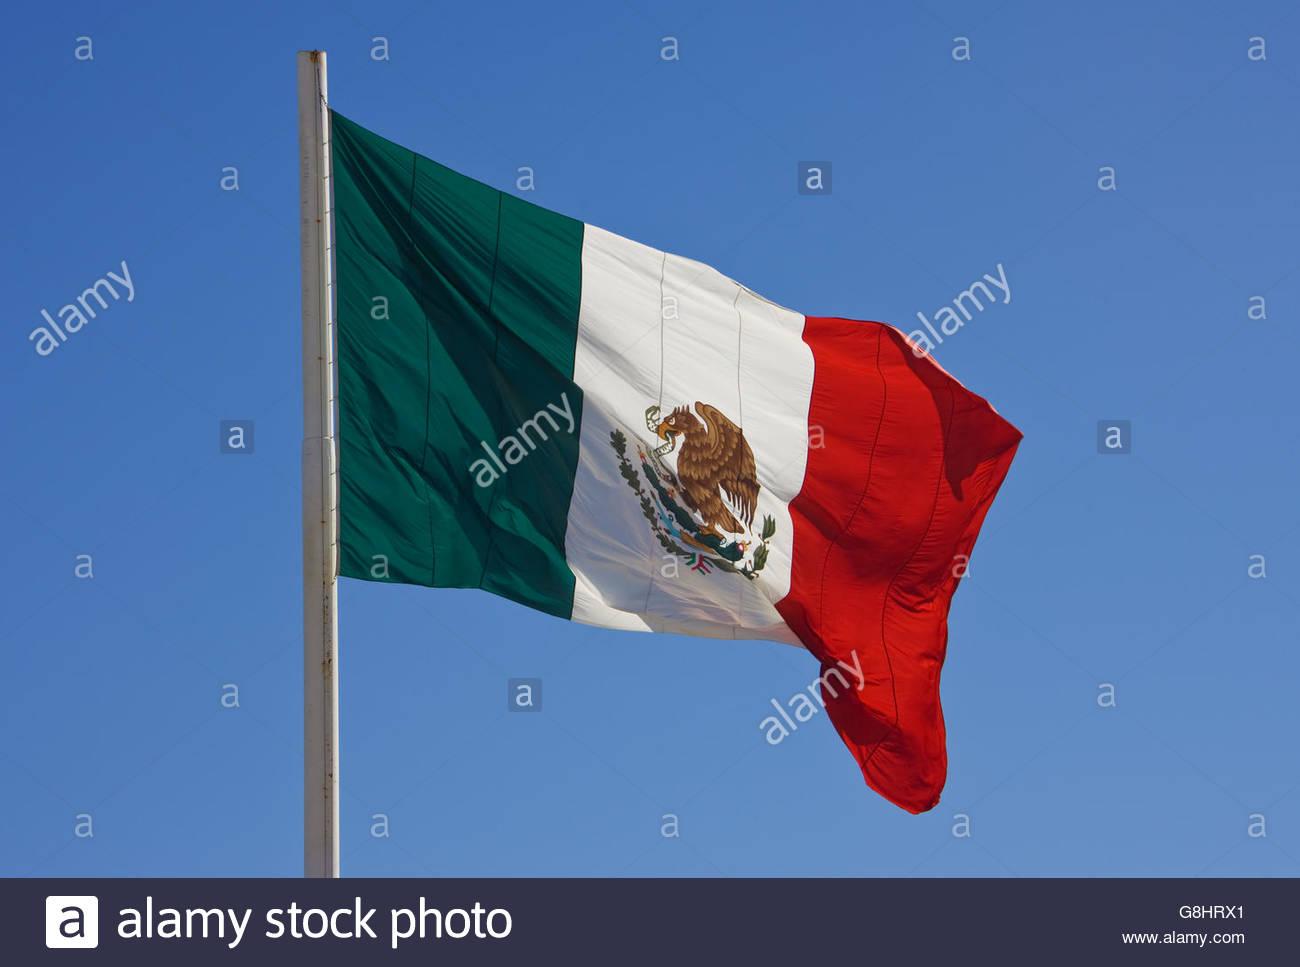 Flag of Mexico, San Jose Del Cabo, Cabo San Lucas, Baja California Sur, Mexico - Stock Image